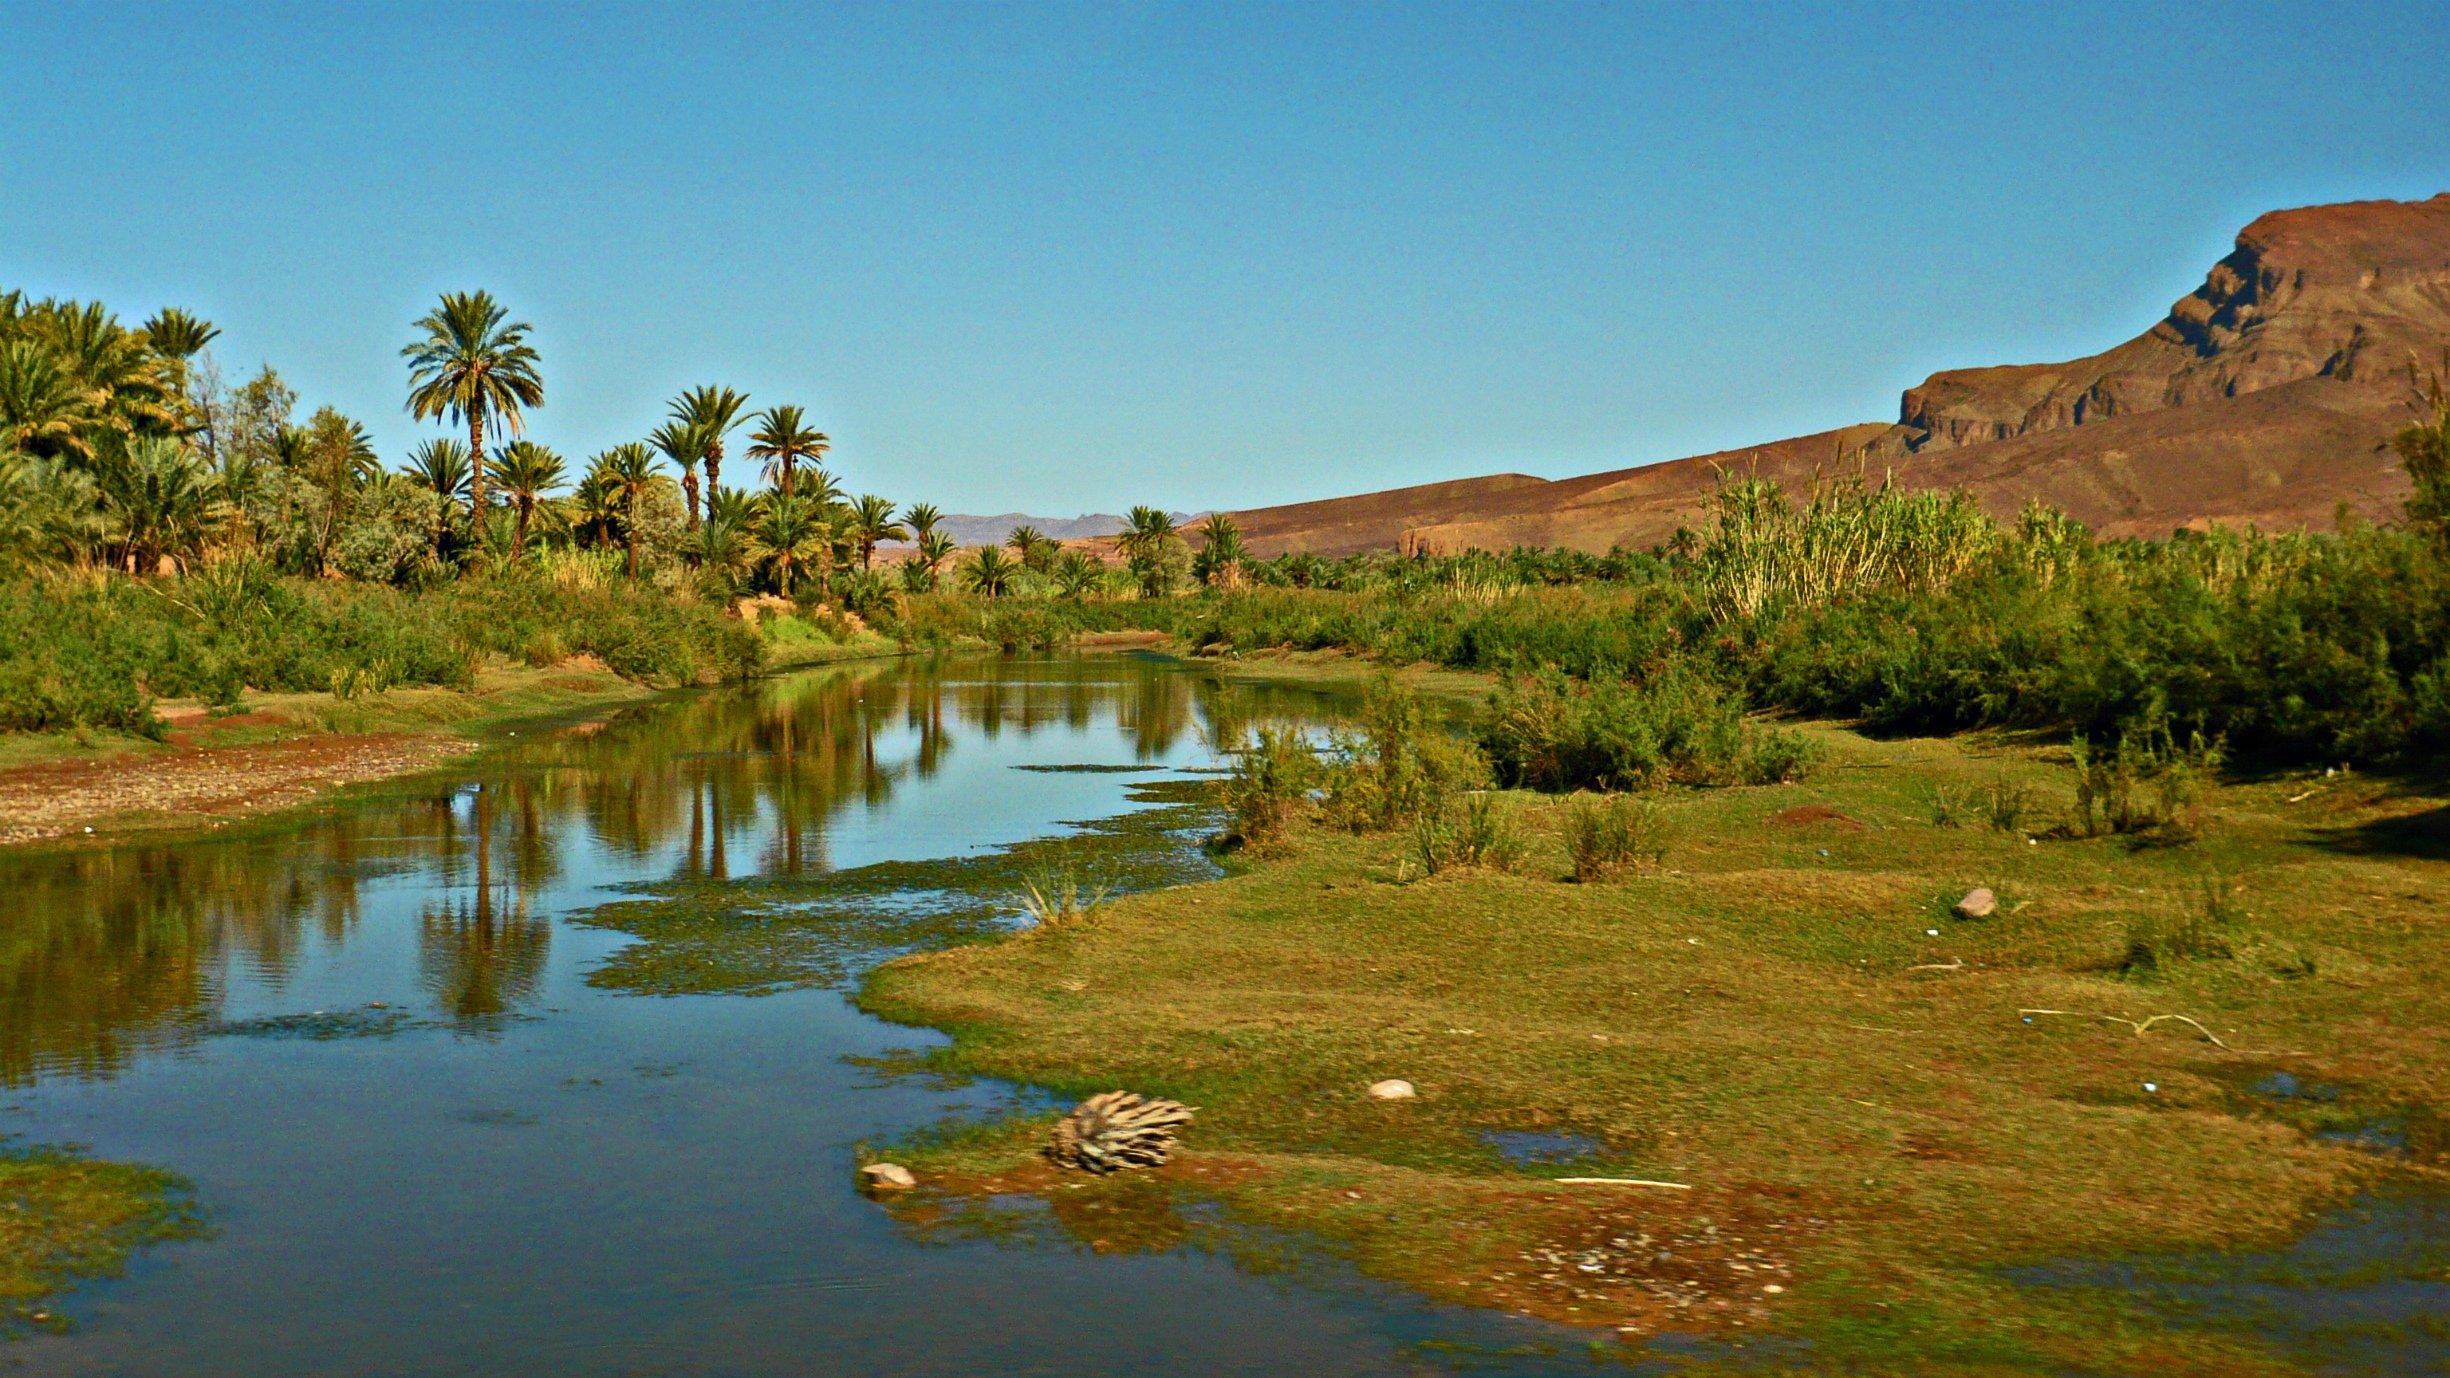 Fonds d'écran Voyages : Afrique Maroc source